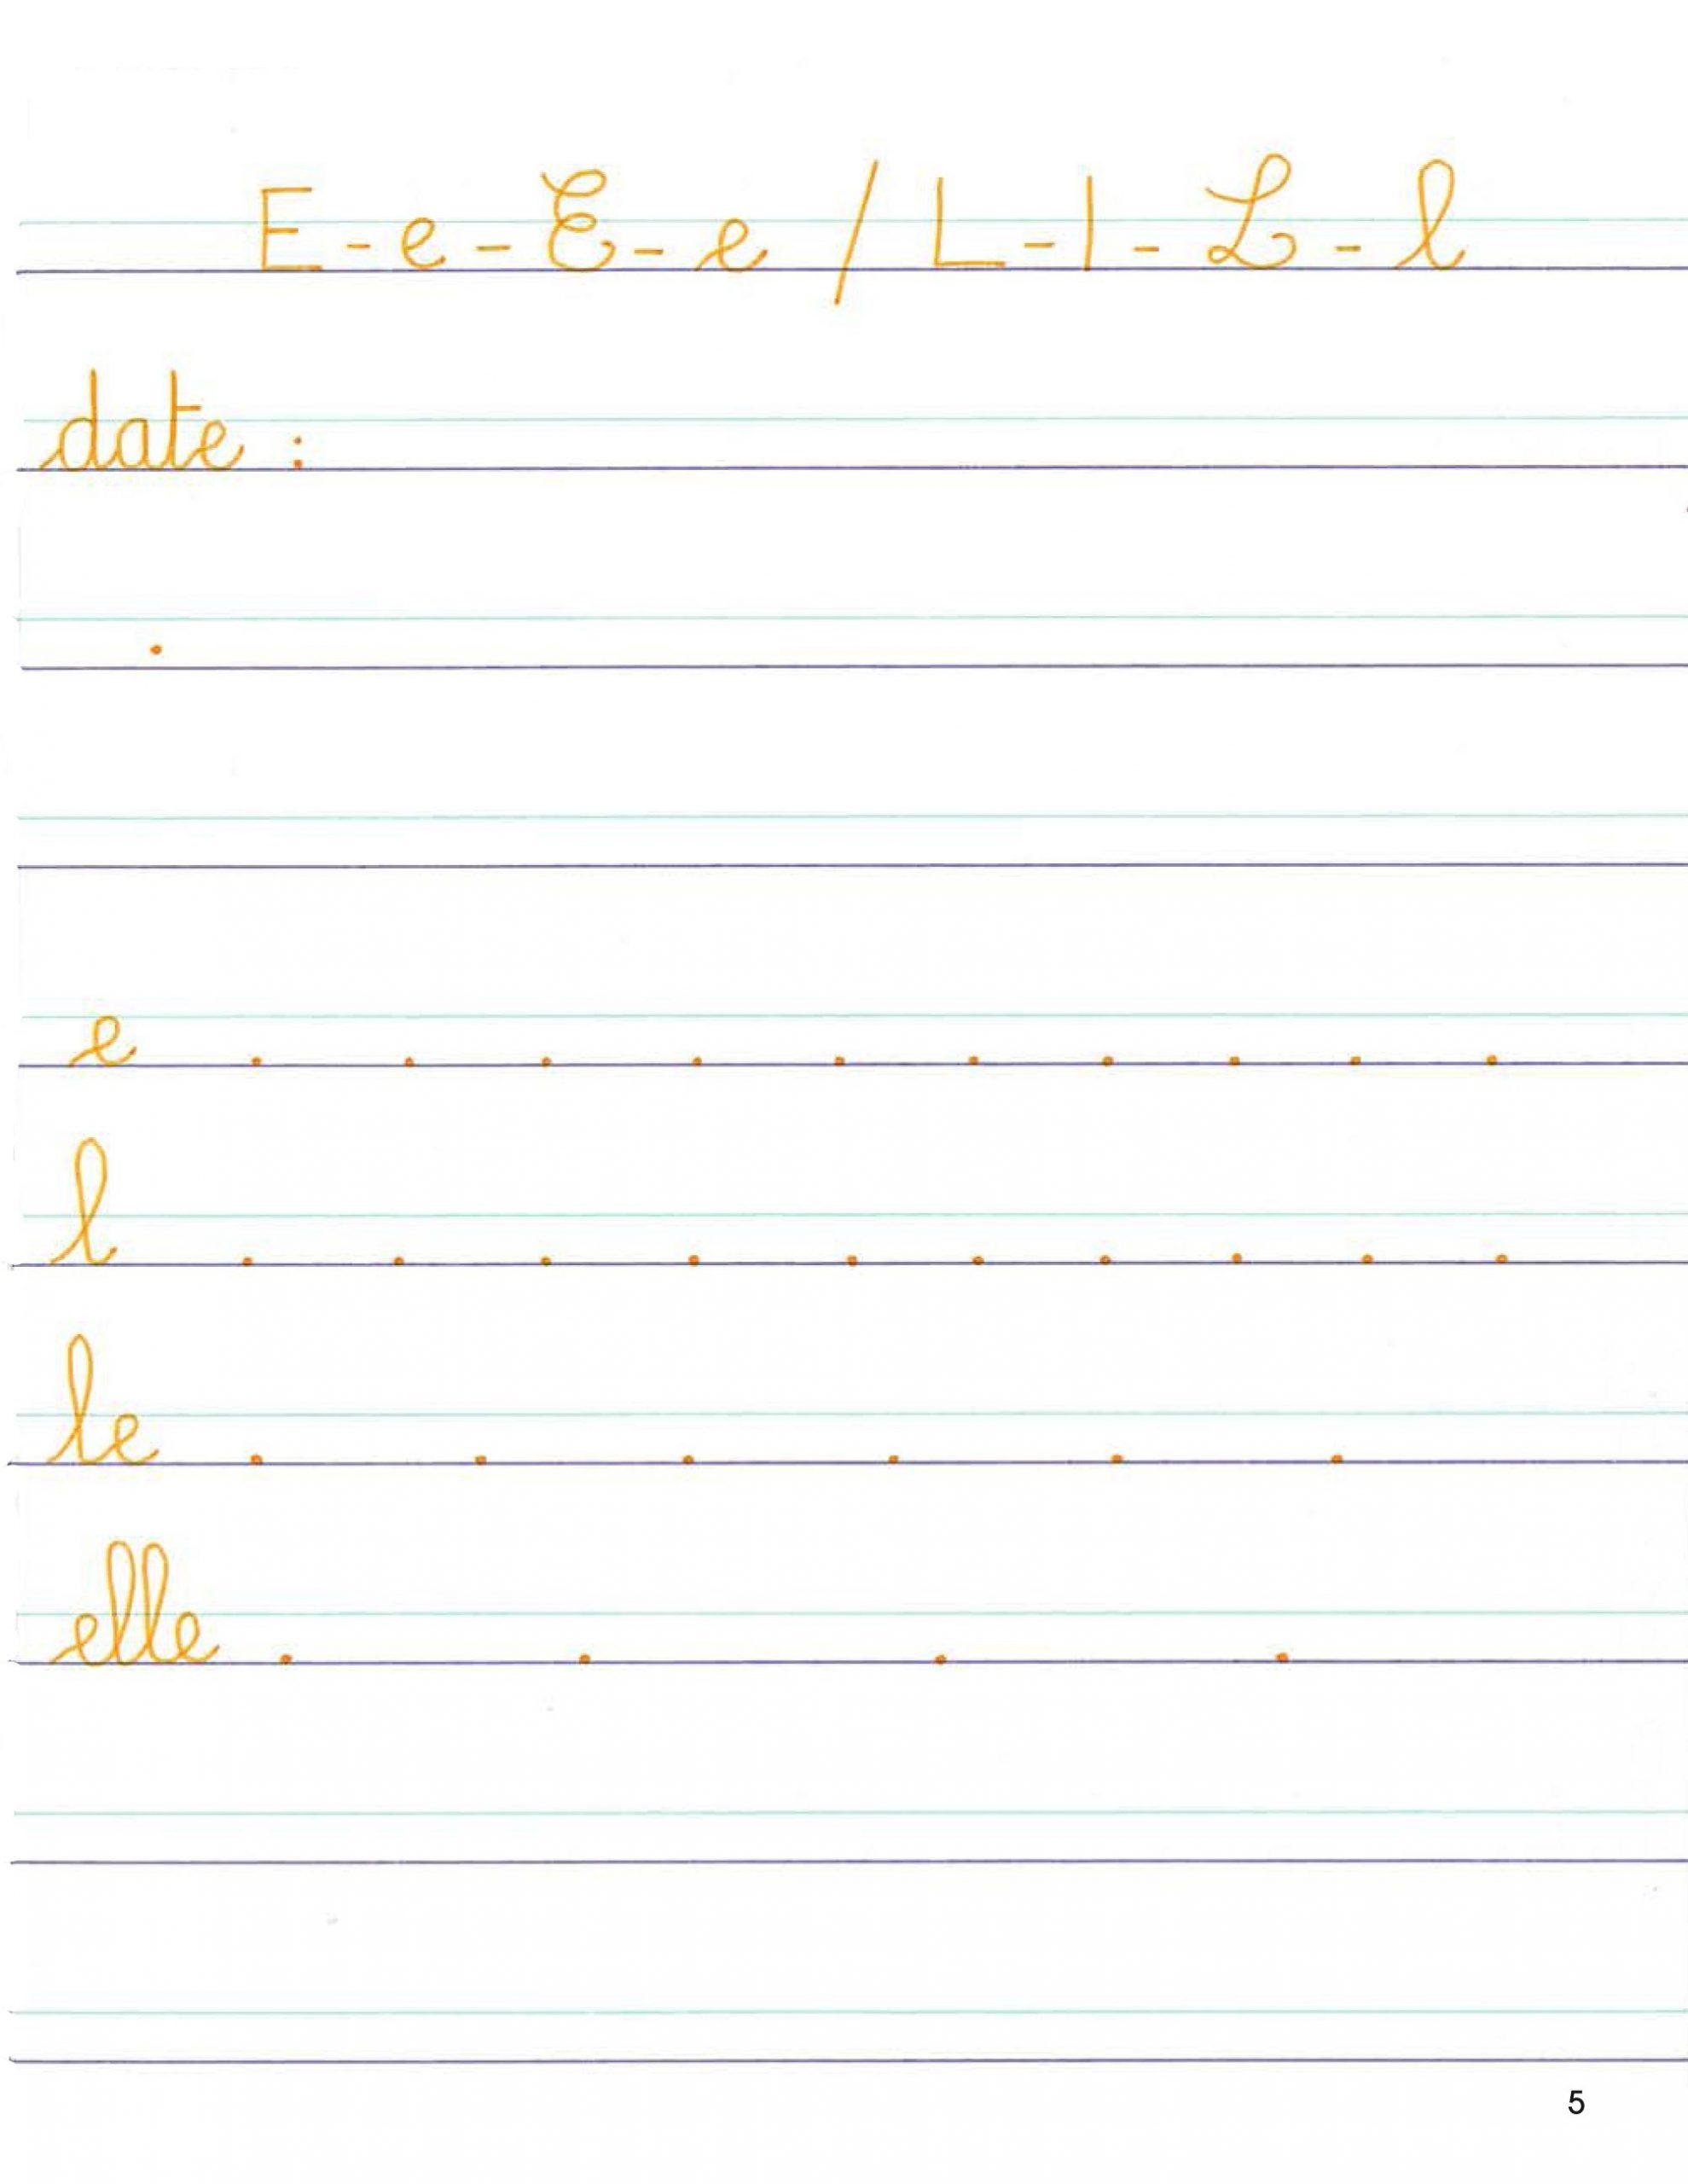 Mon Cahier D'écriture Grande Section De Maternelle - Scop encequiconcerne Ecriture Maternelle Moyenne Section A Imprimer